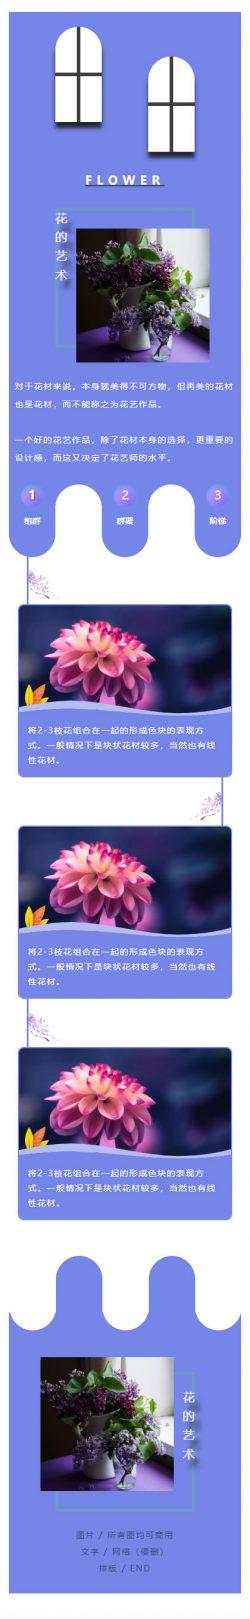 花艺师花艺作品插花紫色风格模板微信推送素材